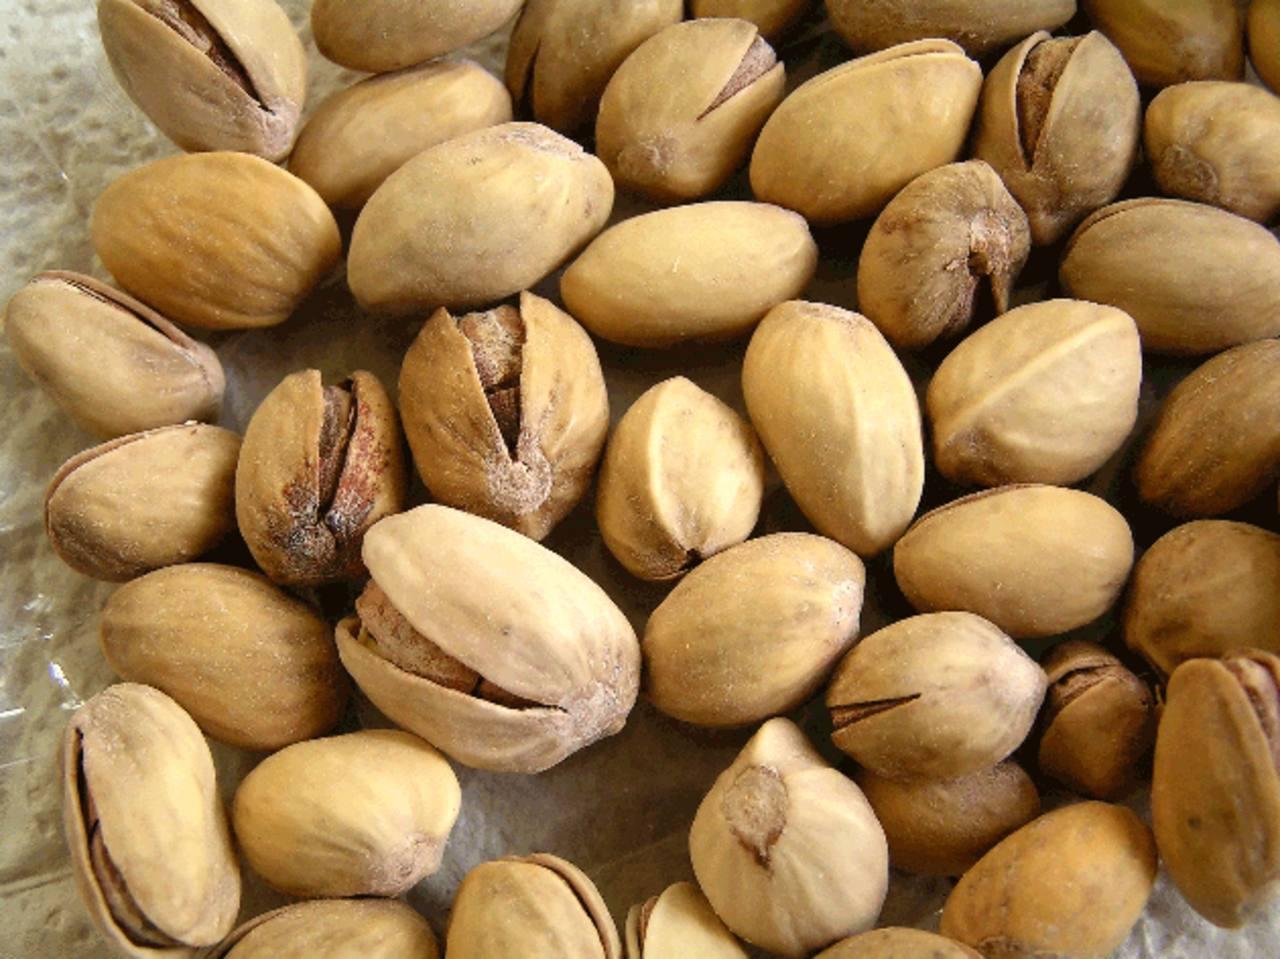 Consumo de pistachos reduce estrés en diabéticos tipo 2